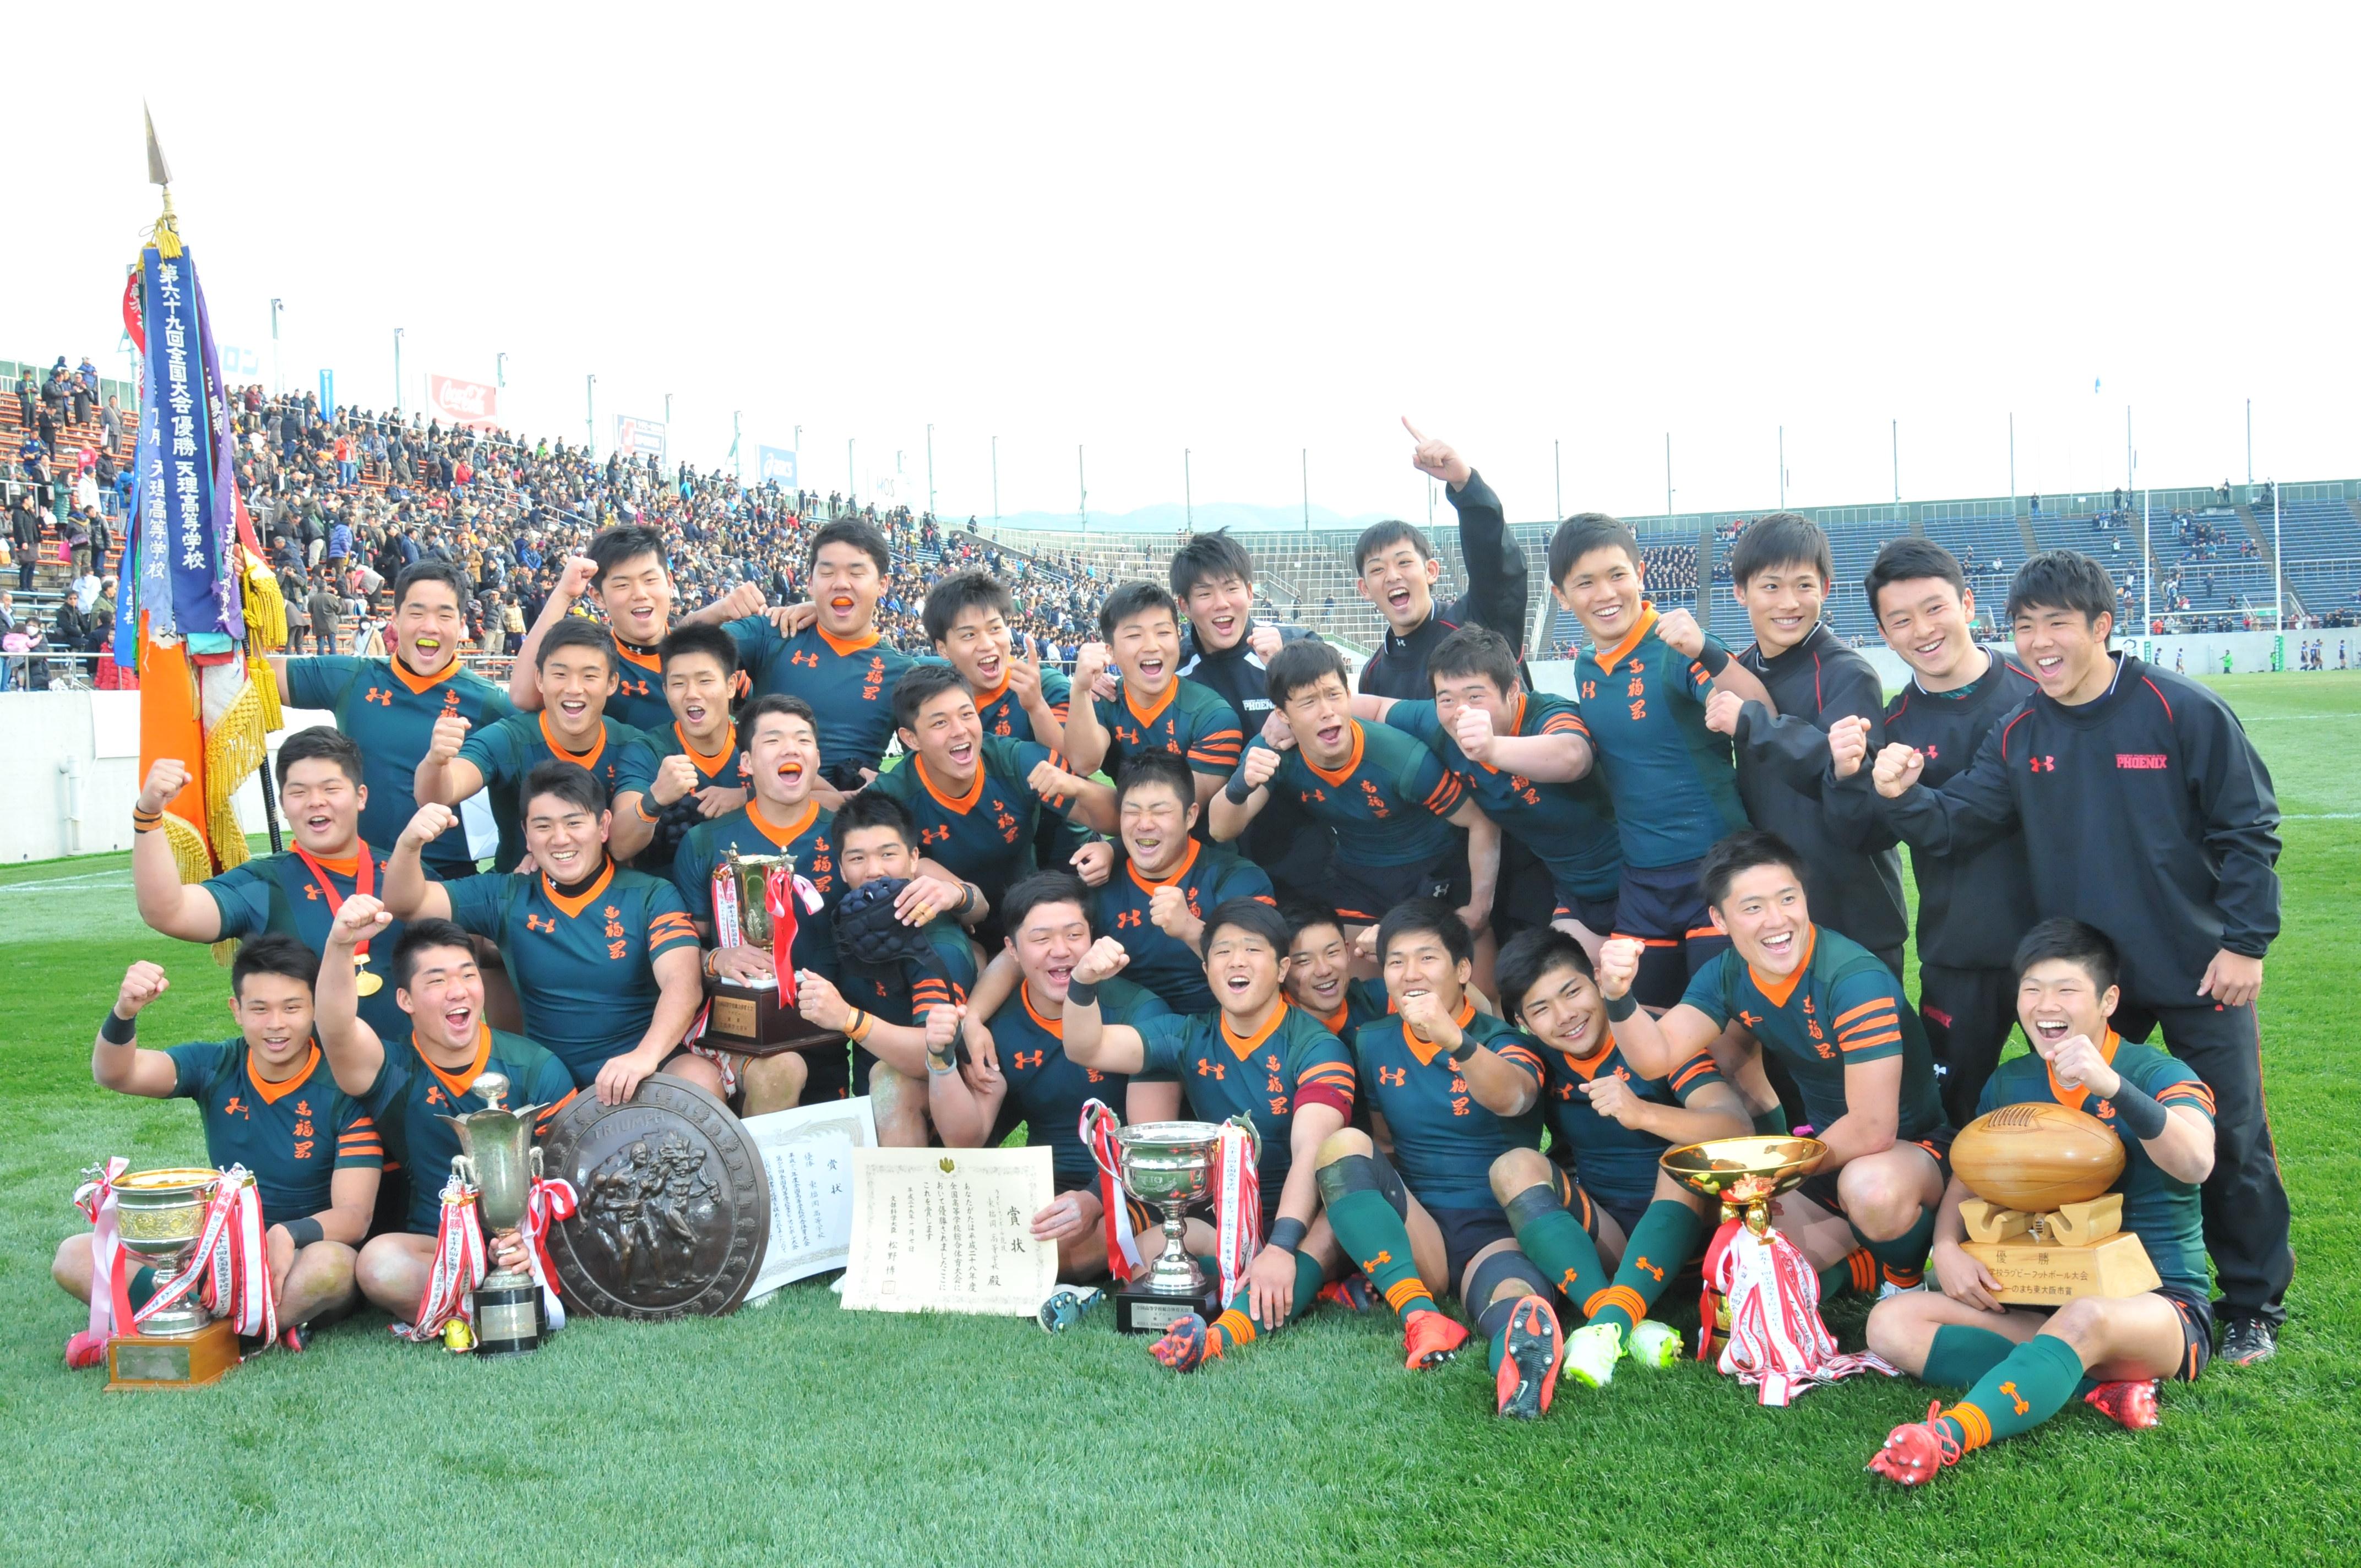 第96回全国高等学校ラグビーフットボール大会 | 東大阪市